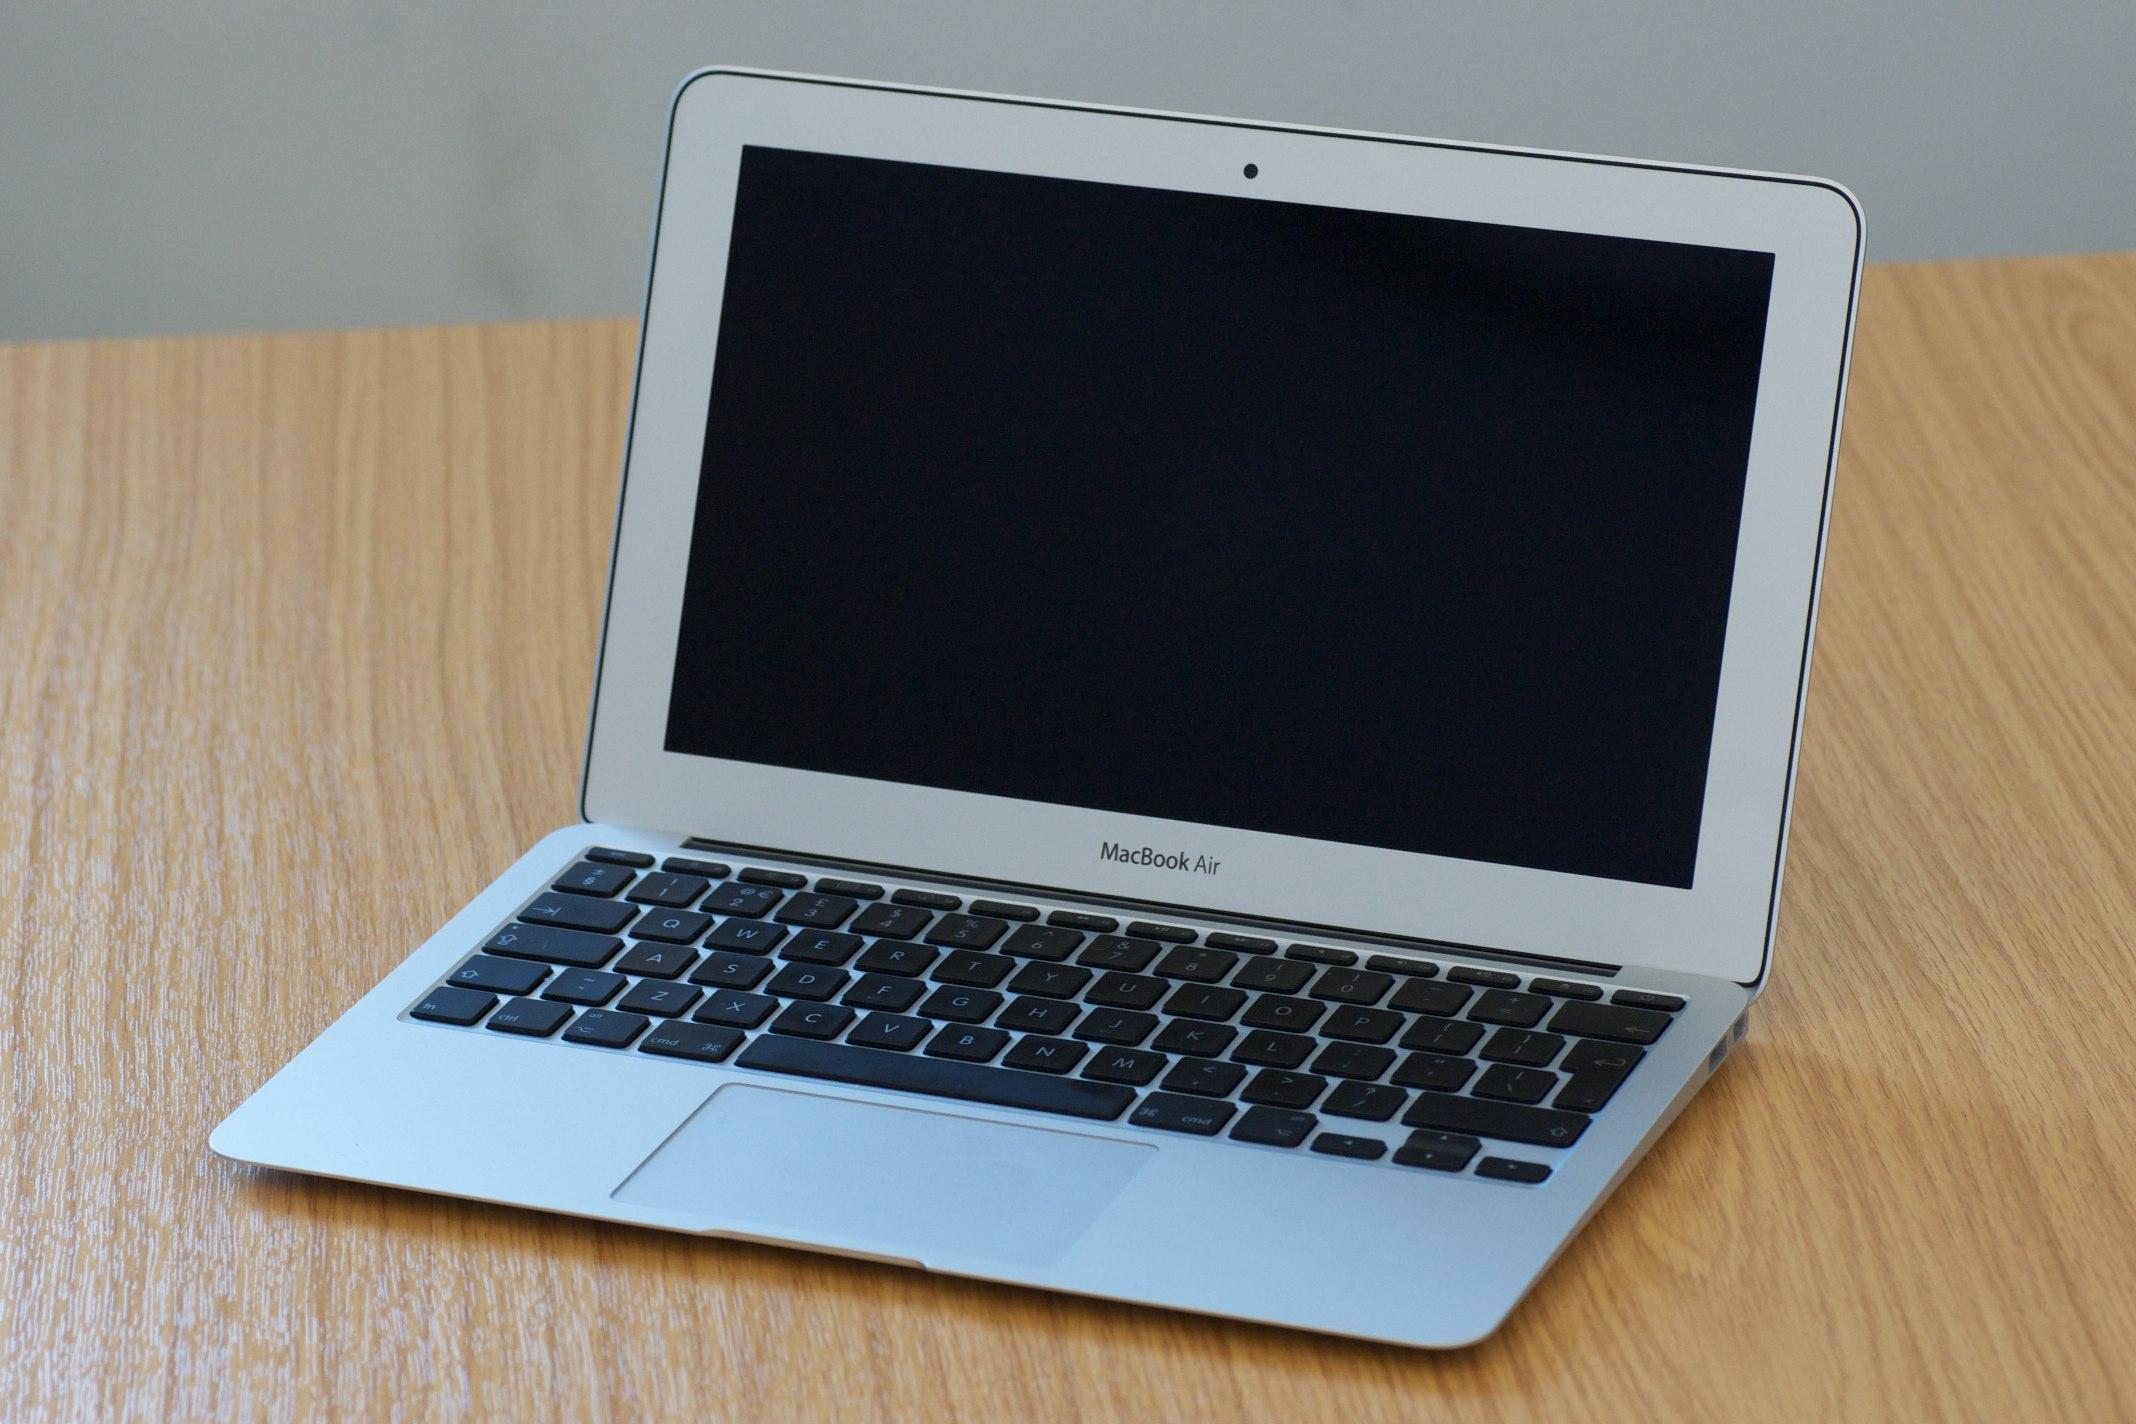 MacBook Air — Википедия d52e8951df789